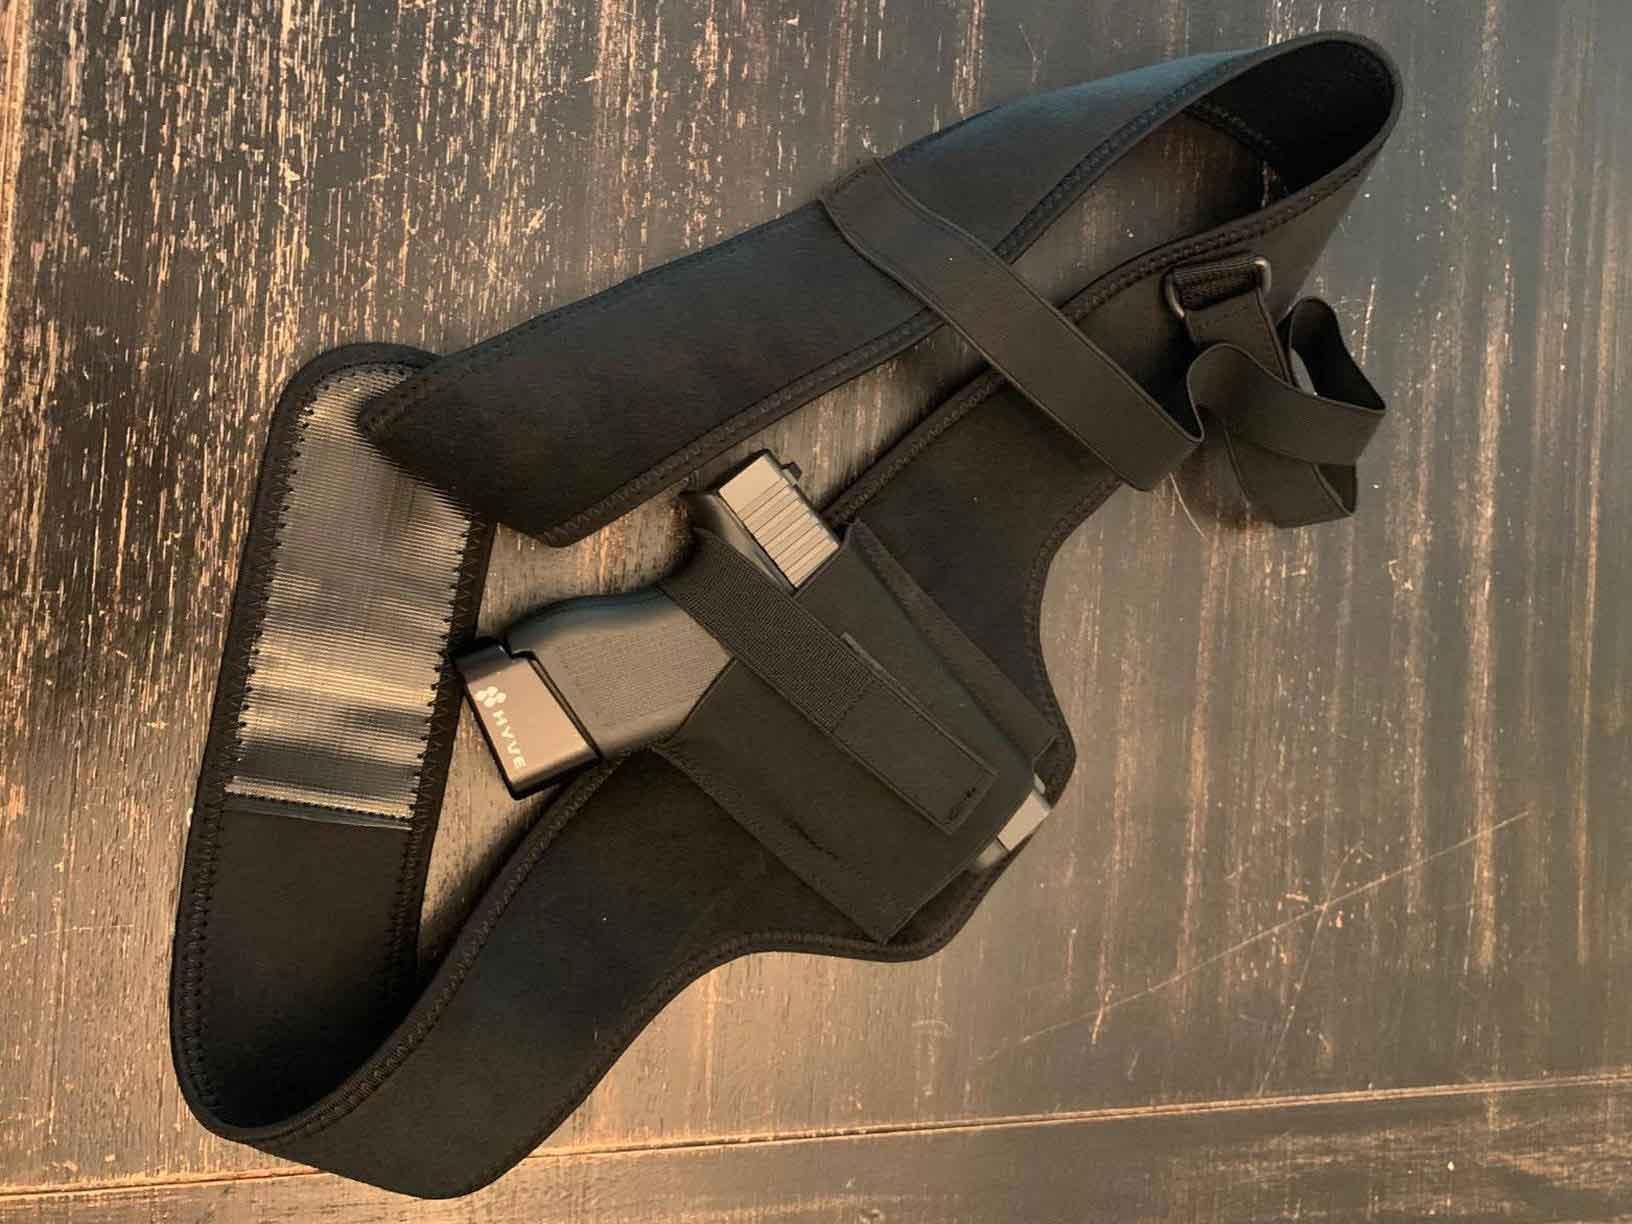 shoulder holster review, shoulder holster for men, shoulder holster for fat guy, right hand shoulder holster